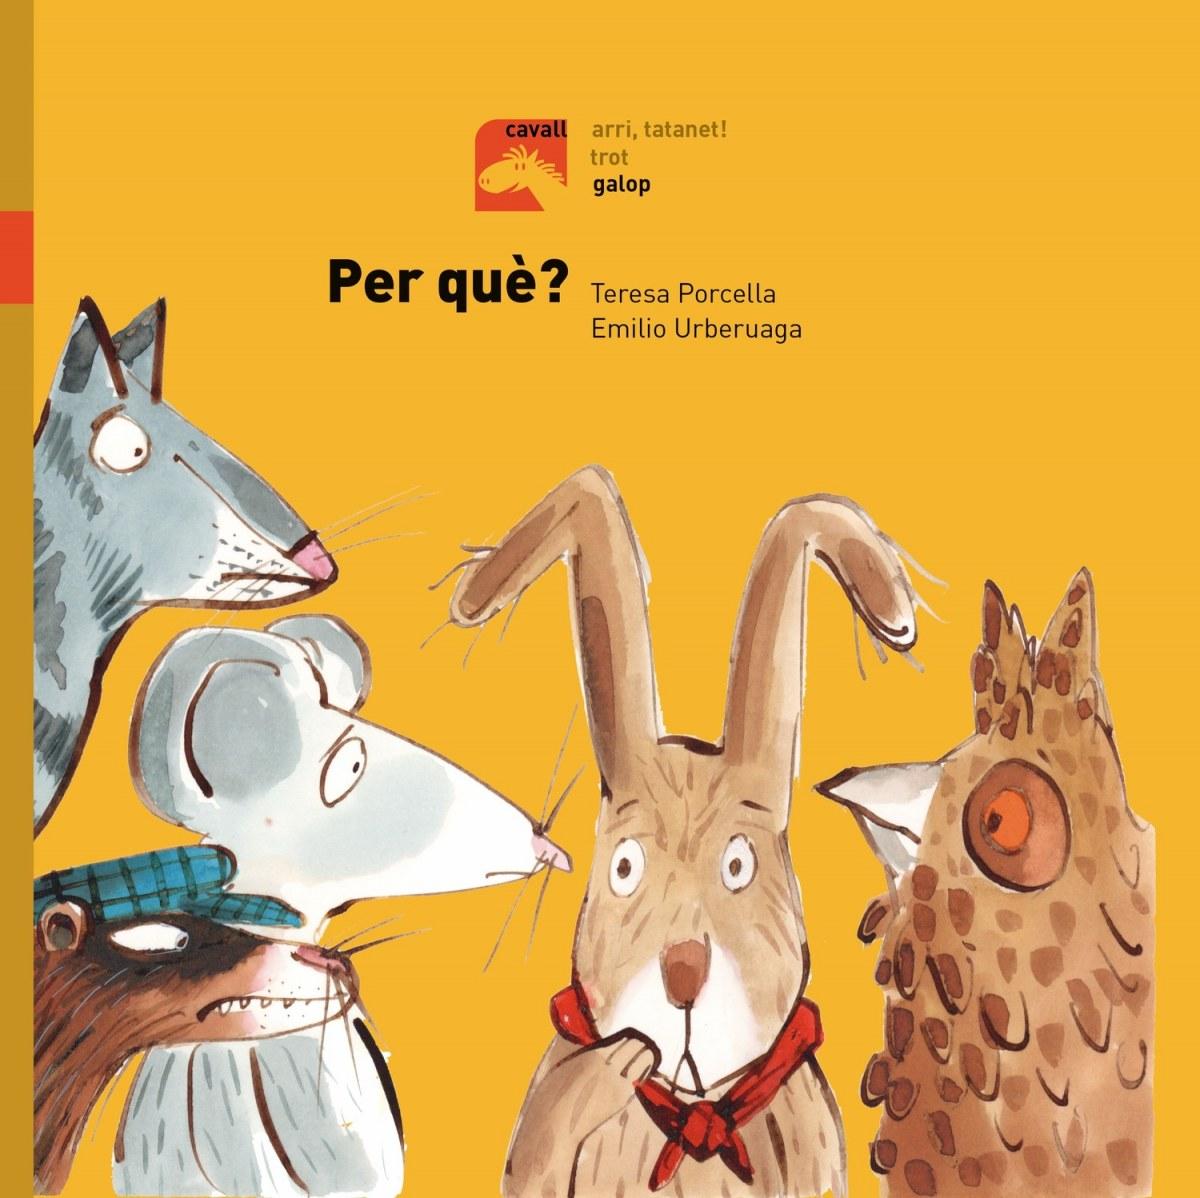 Per què - Porcella, Teresa/Urberuaga, Emilio